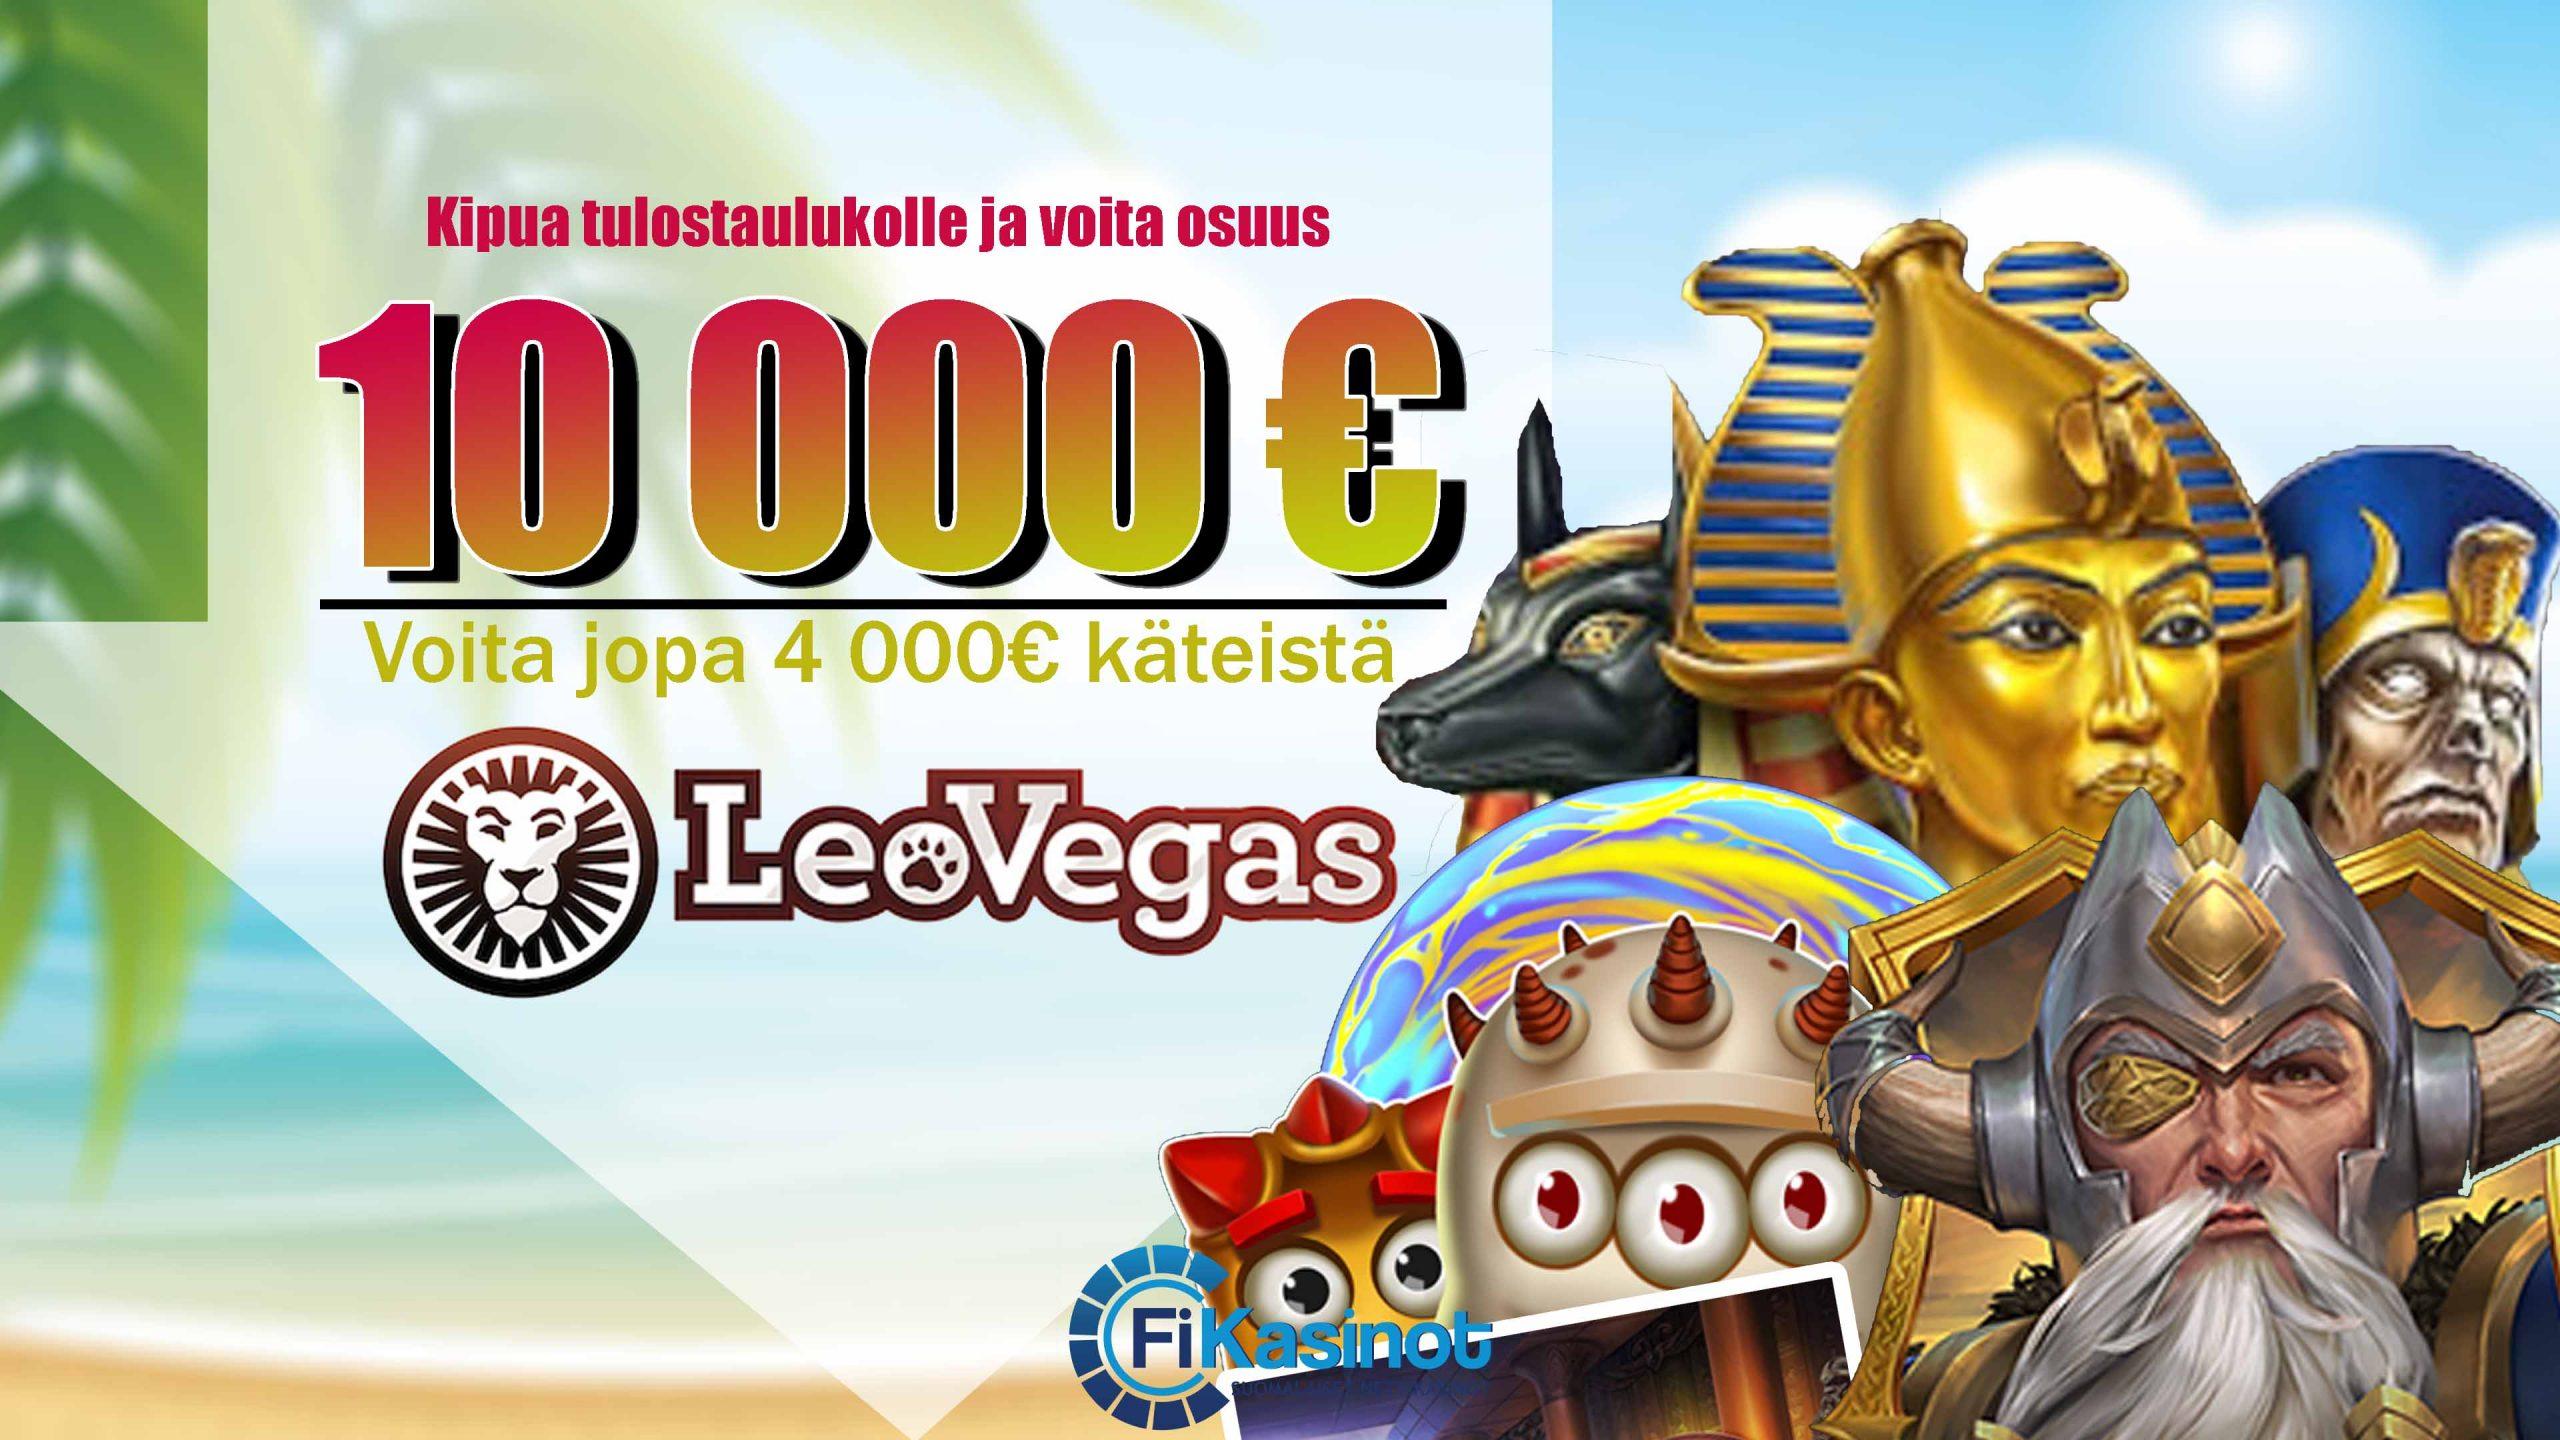 LeoVegasin kymppitonnin turnaus